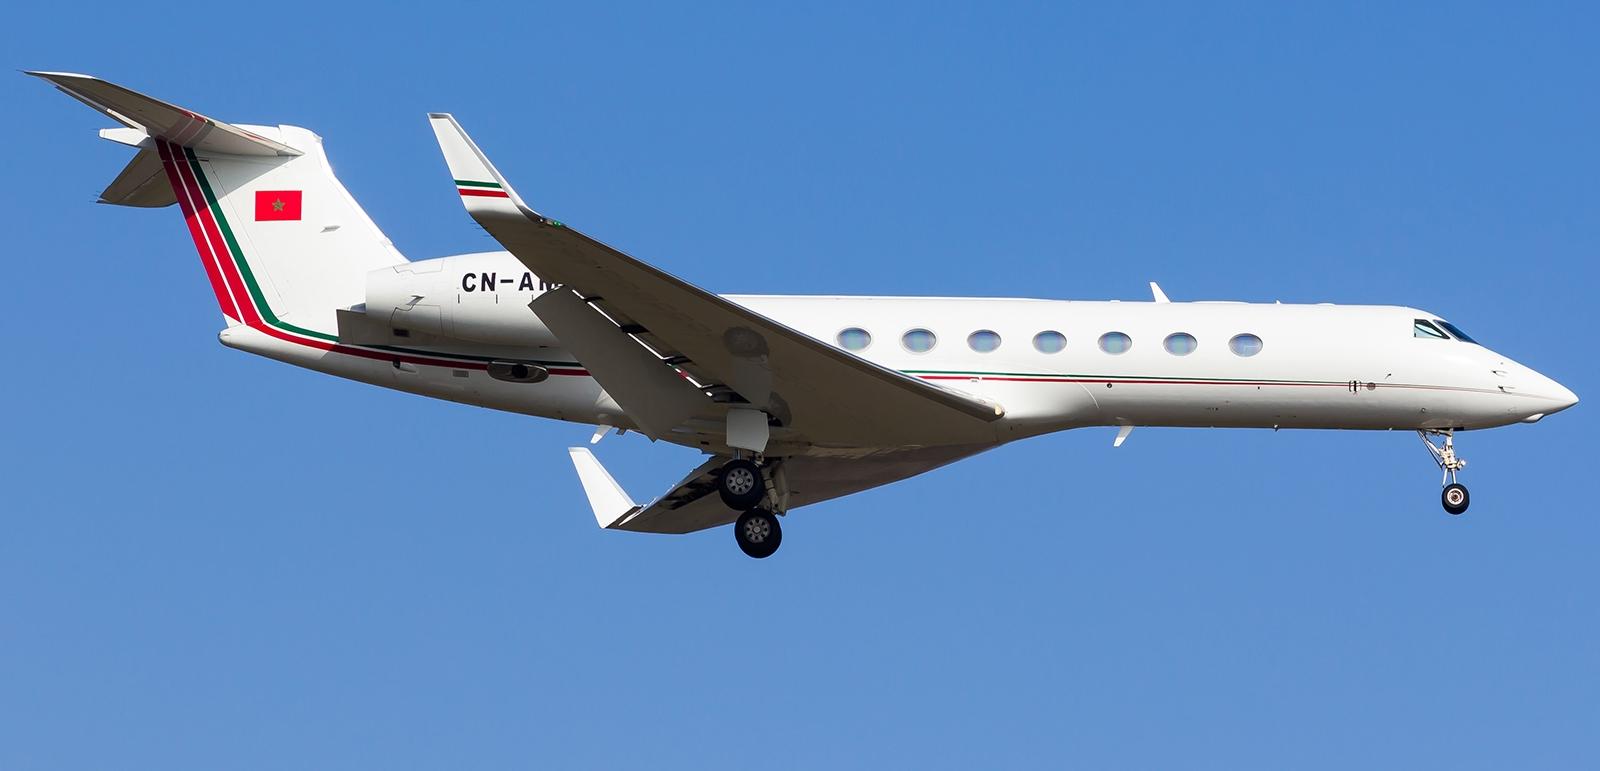 FRA: Avions VIP, Liaison & ECM - Page 12 160314024843186230